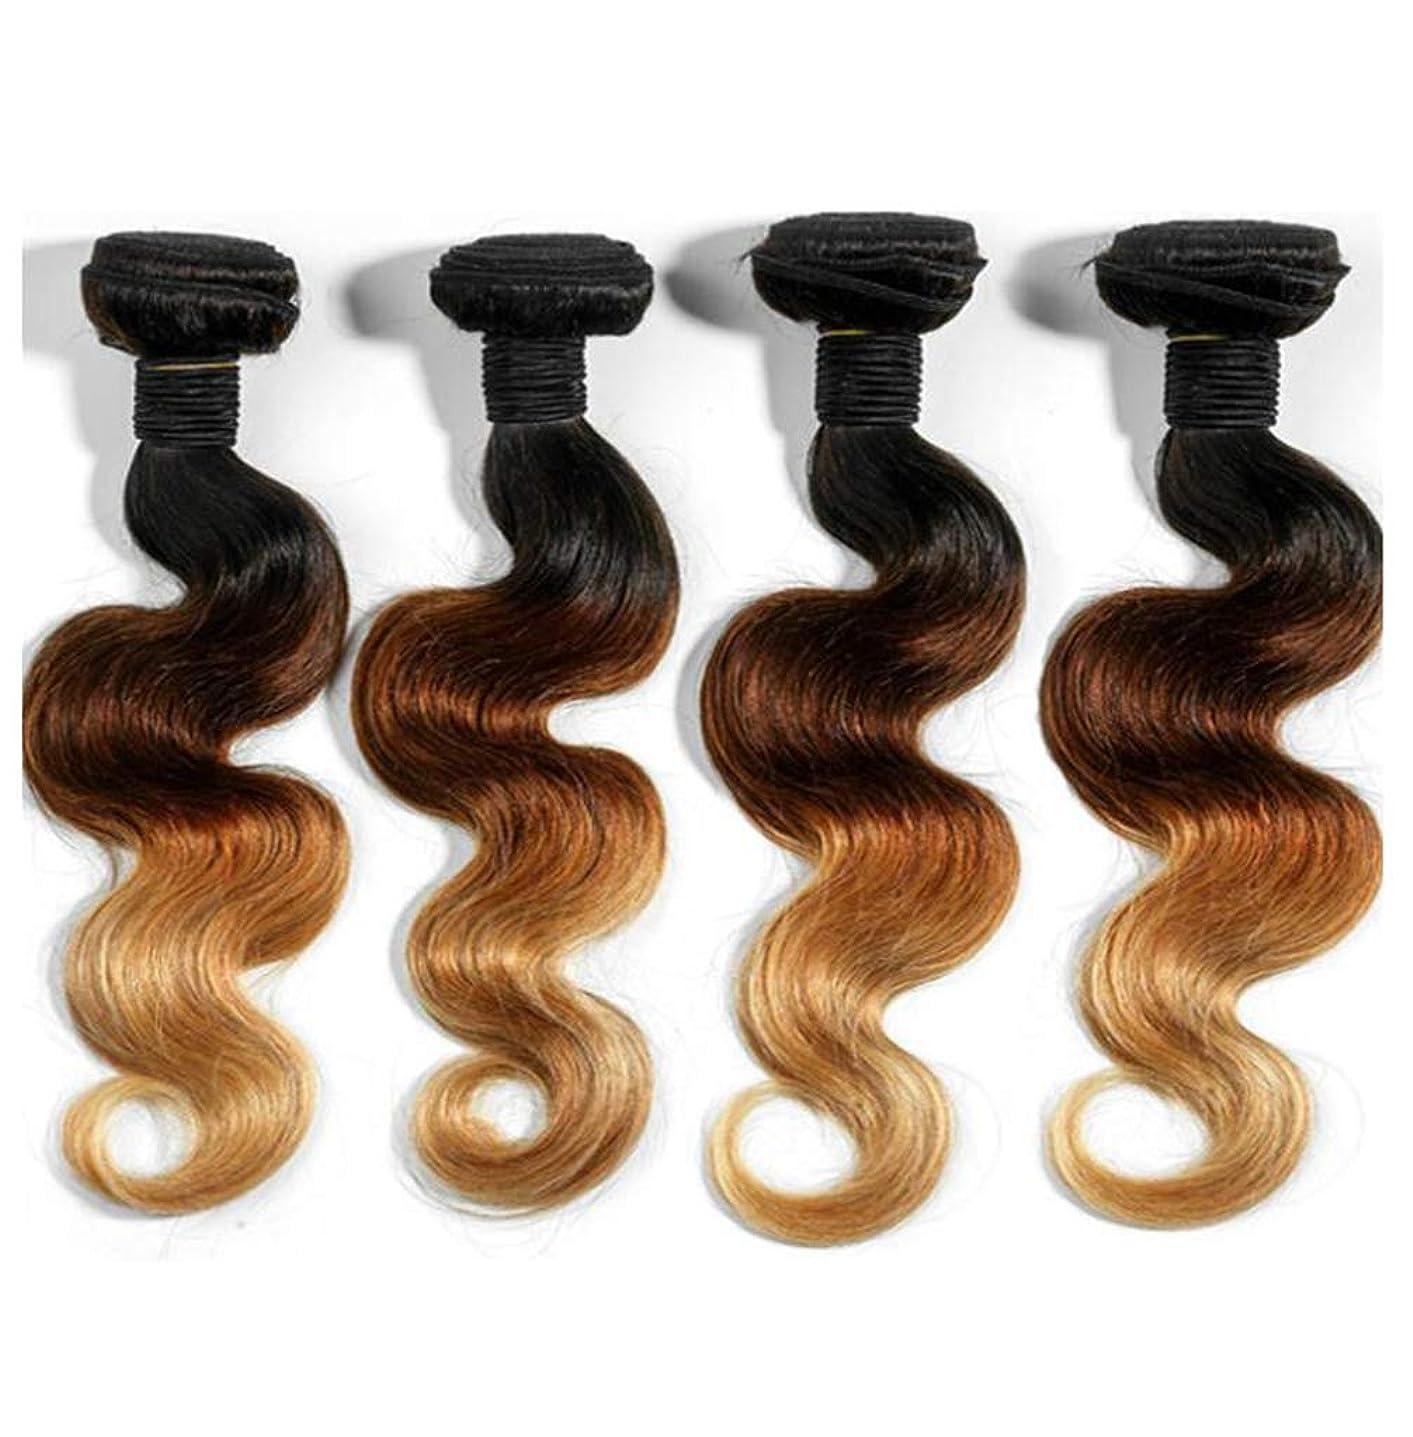 ジョグお手伝いさん事実上女性のための人間の毛髪のかつらブラジルのバージンかつらと赤ちゃんの髪 130% 密度